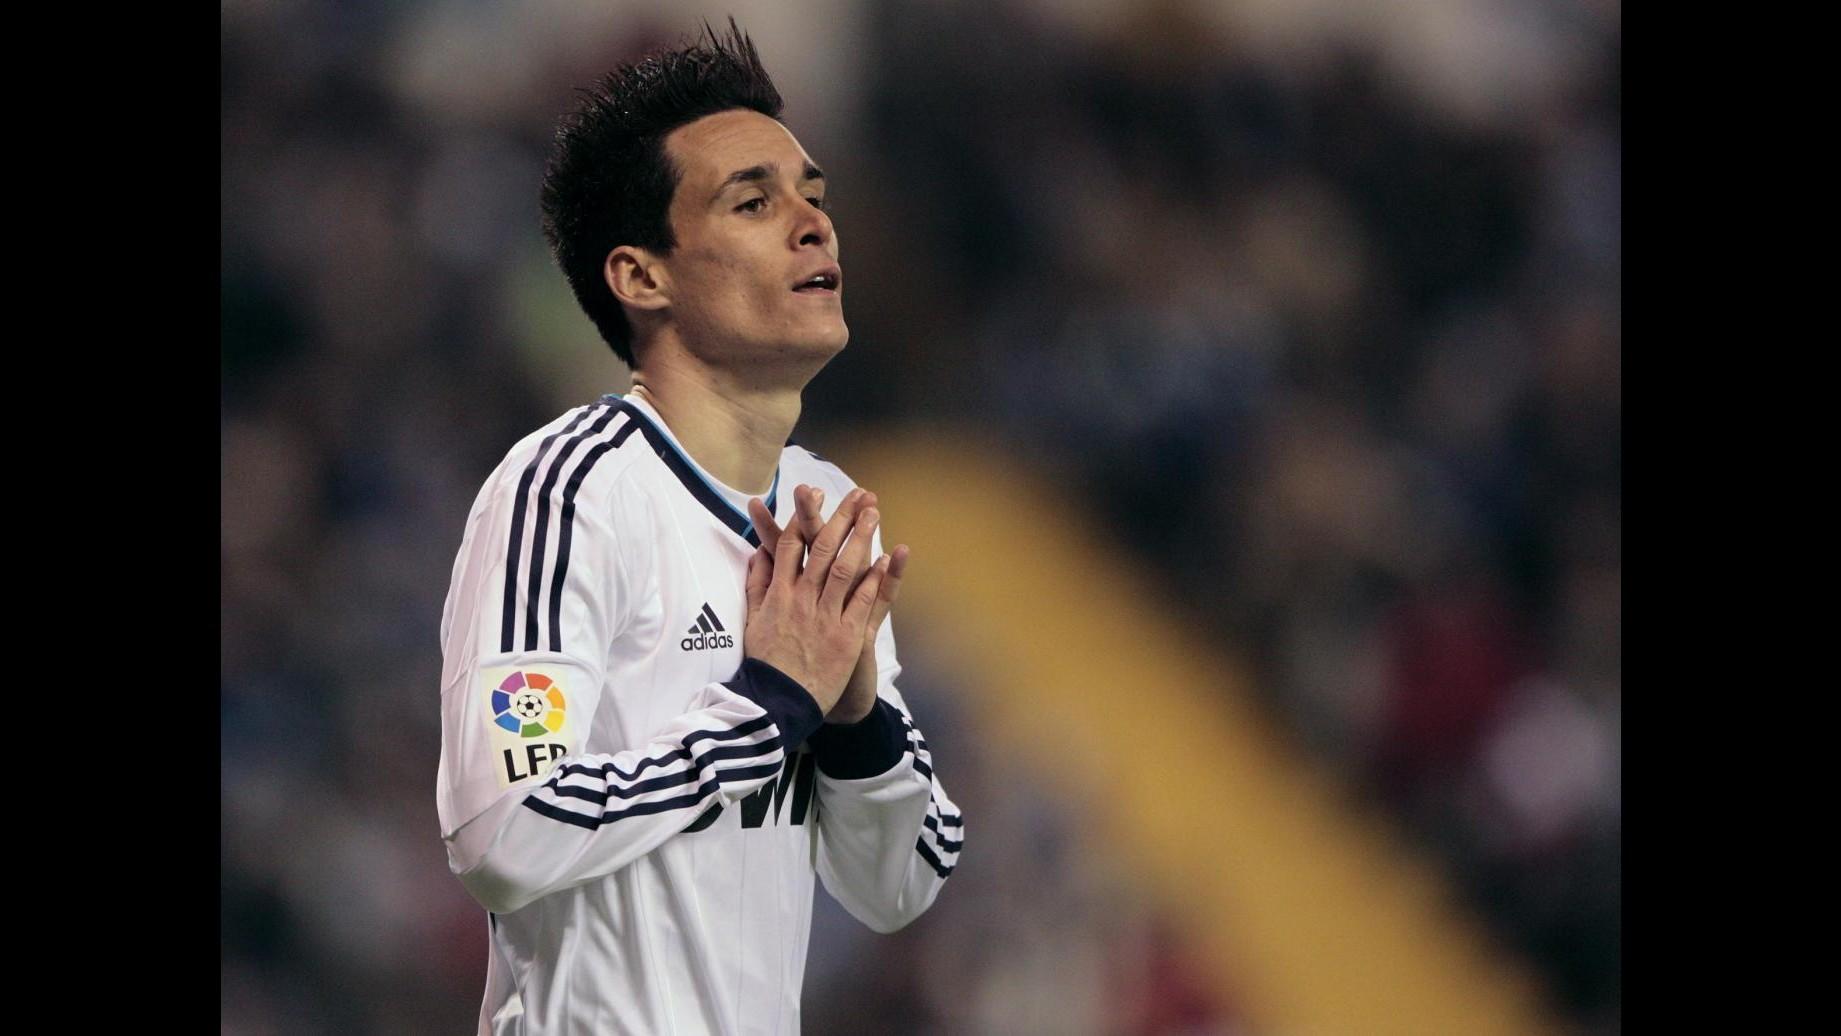 Stampa spagnola: accordo con Real, Callejon al Napoli per 10 milioni